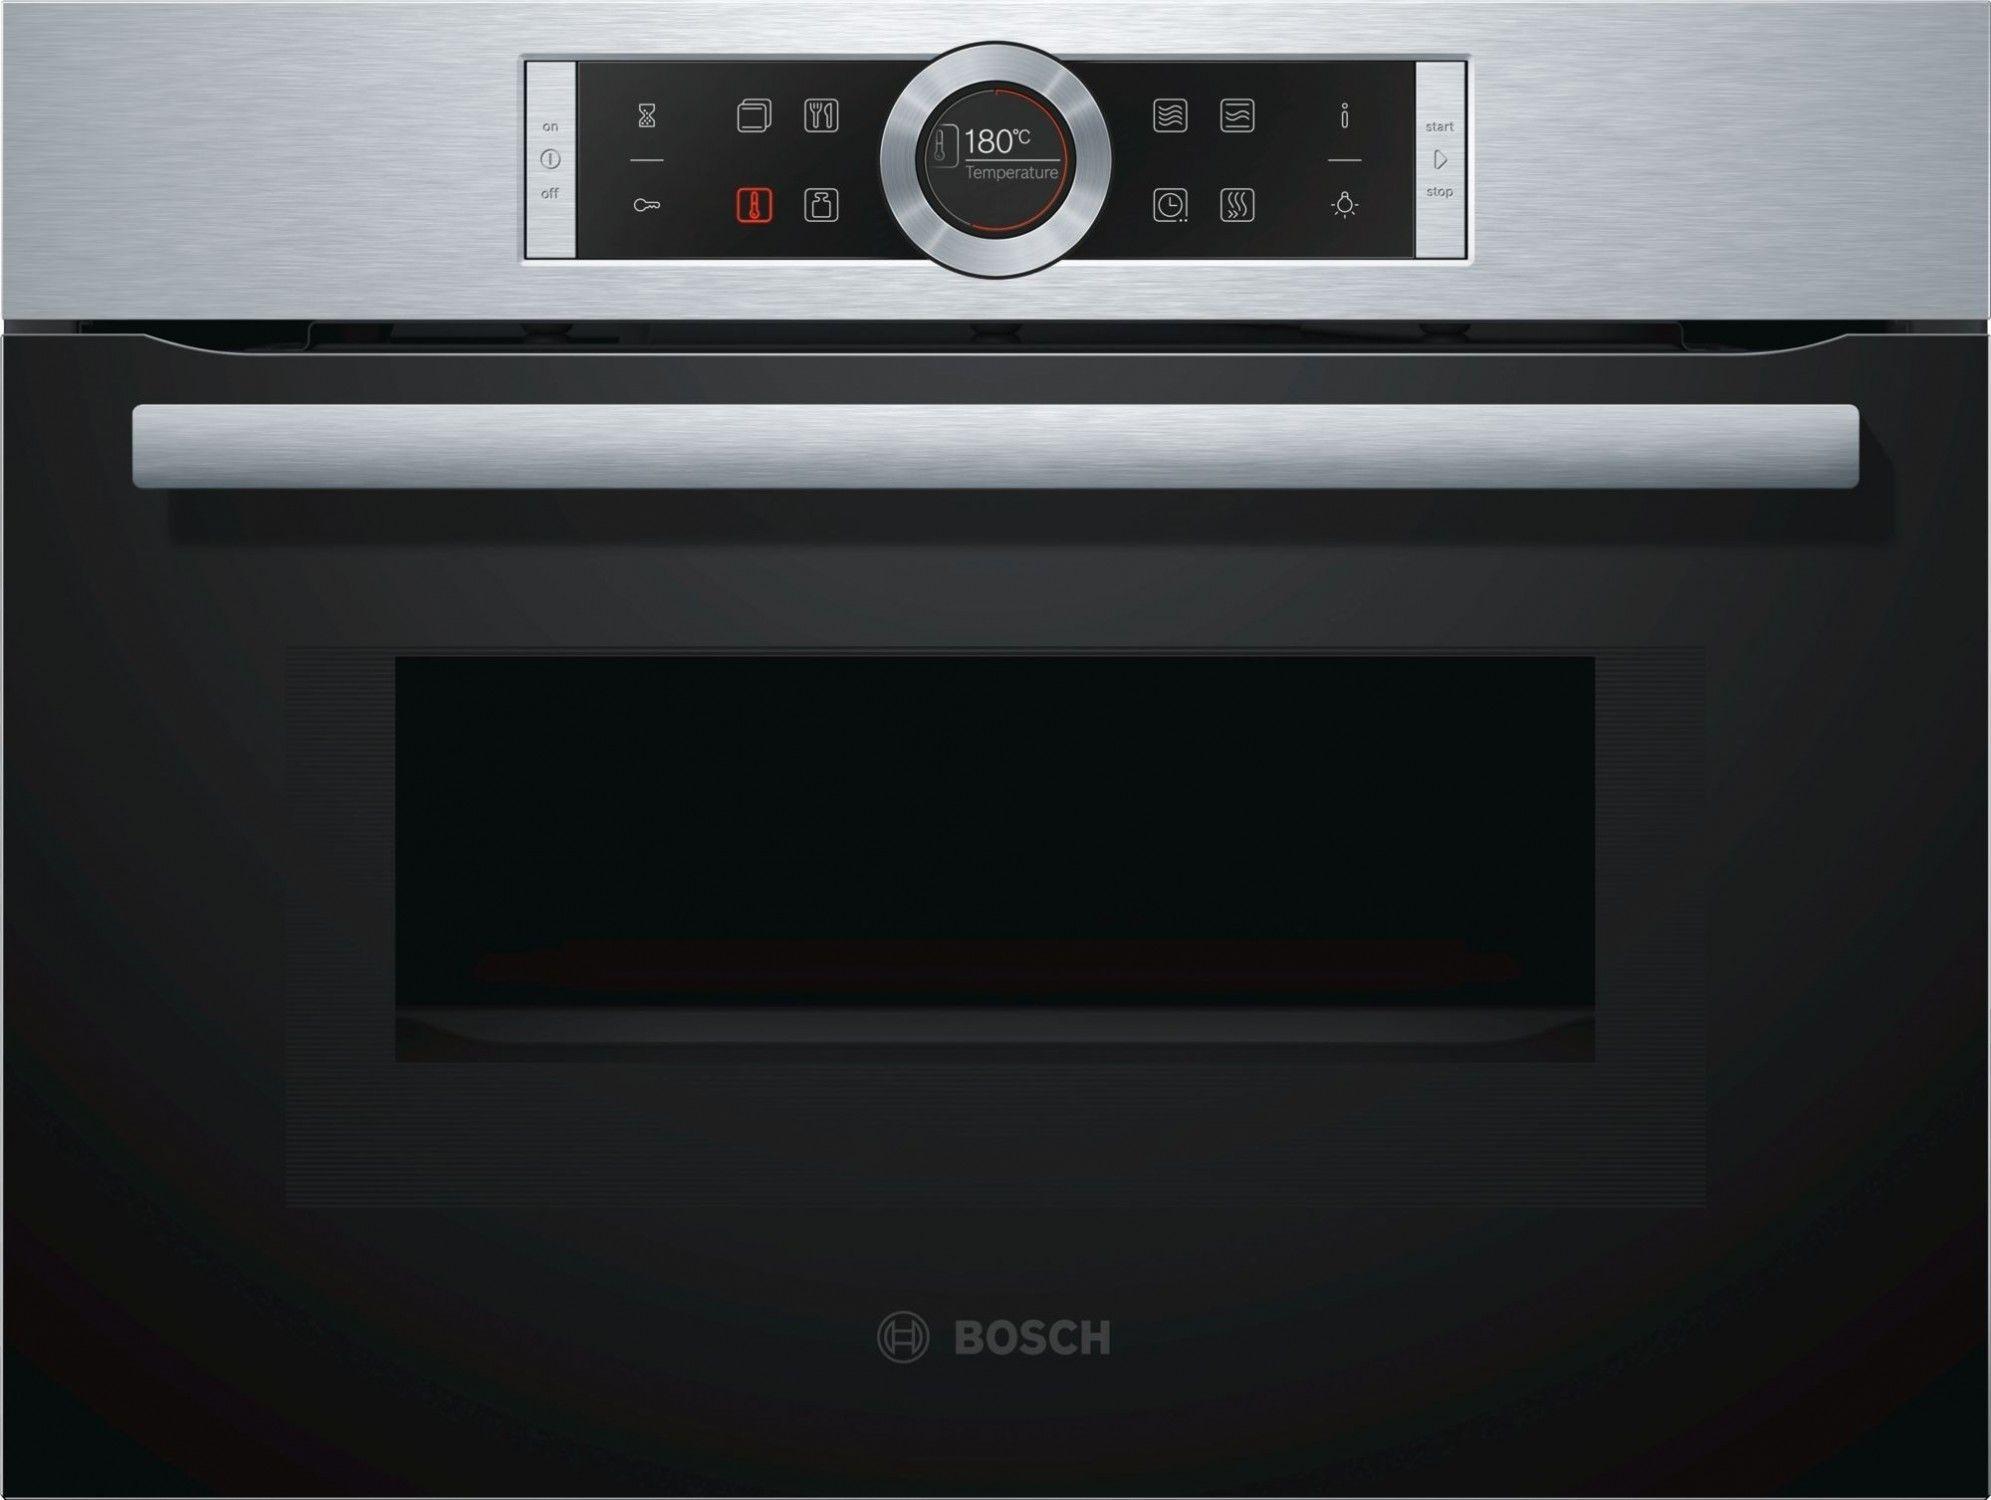 Piekarnik kompaktowy Bosch CMG633BS1, I tel. (22) 266 82 20 I Raty 0 % I kto pyta płaci mniej I Płatności online !